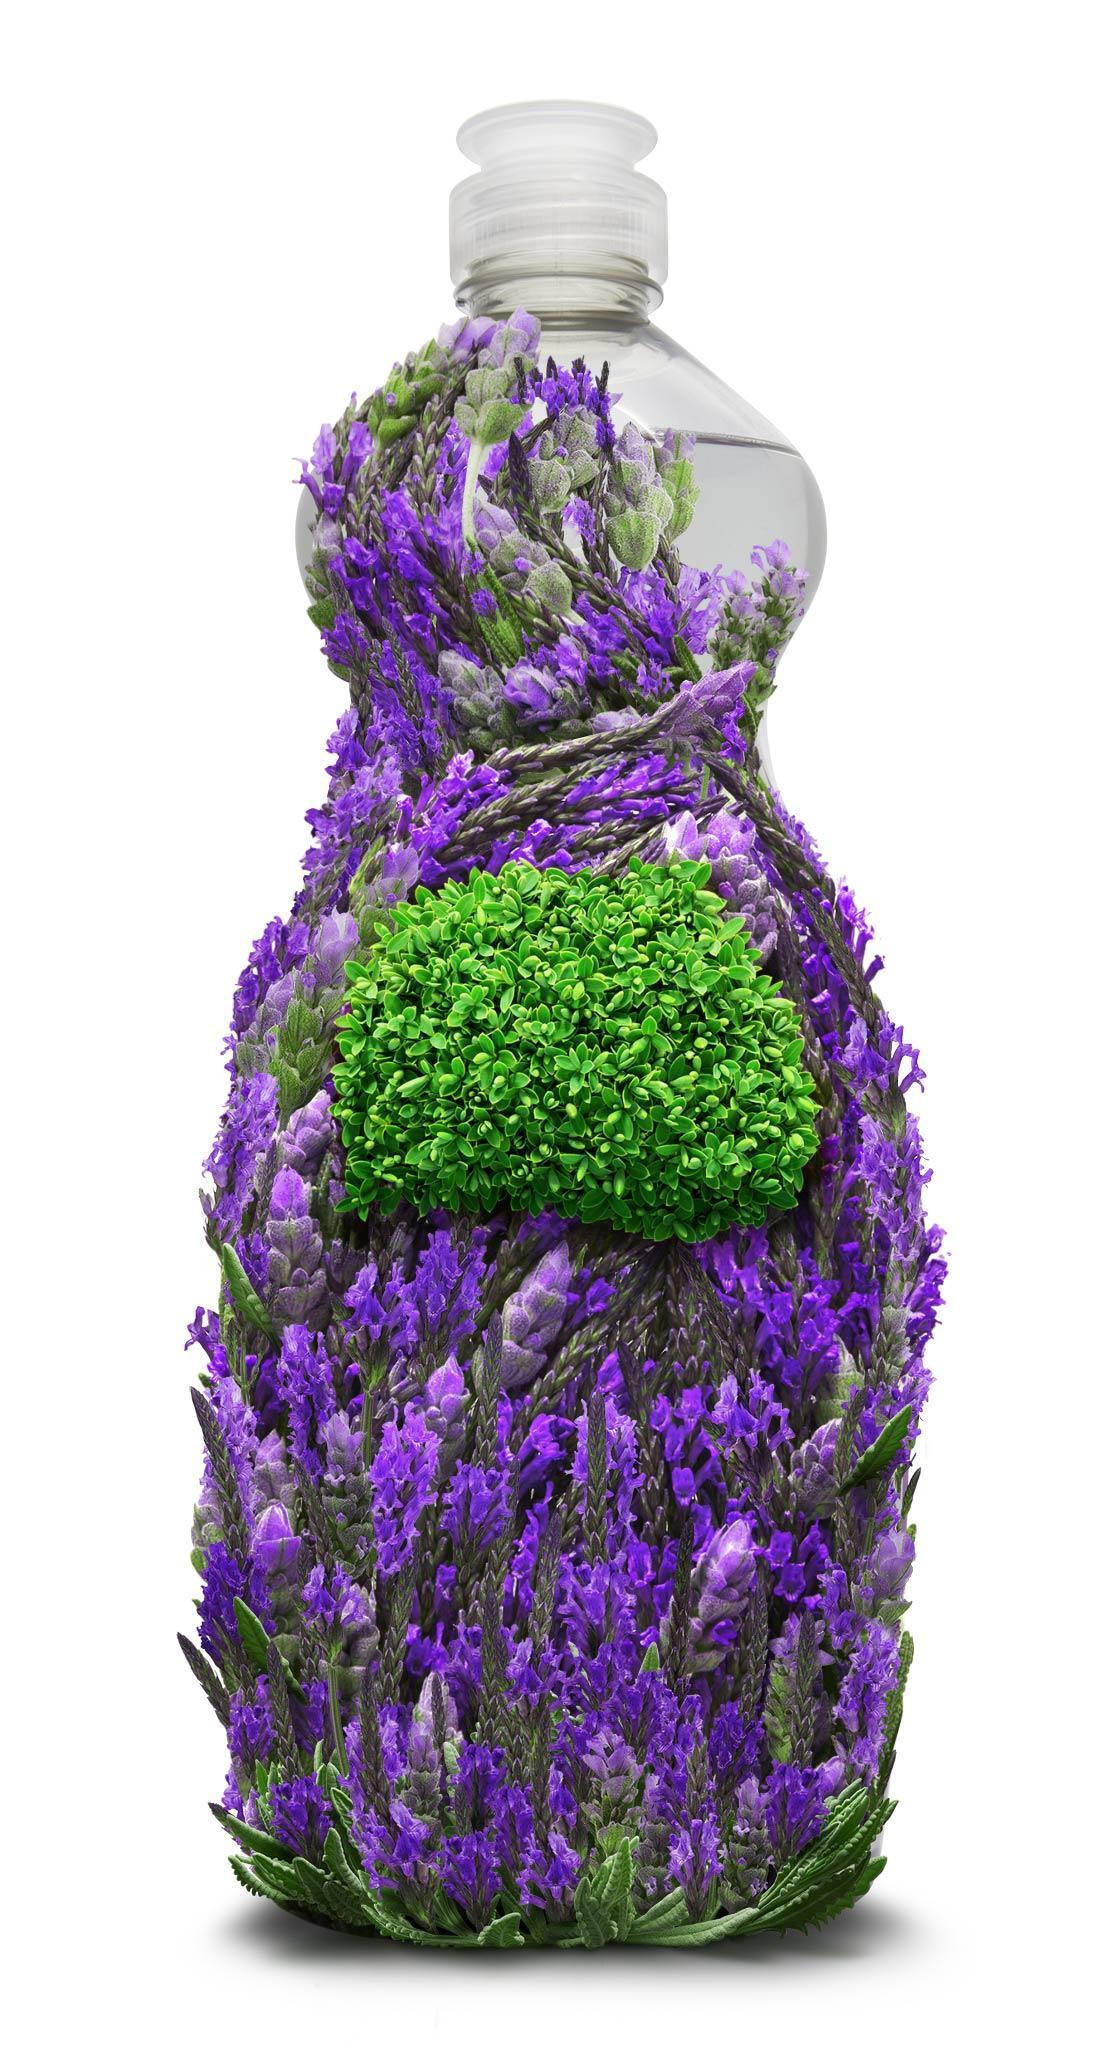 Lavender_DishWashing_13.jpg